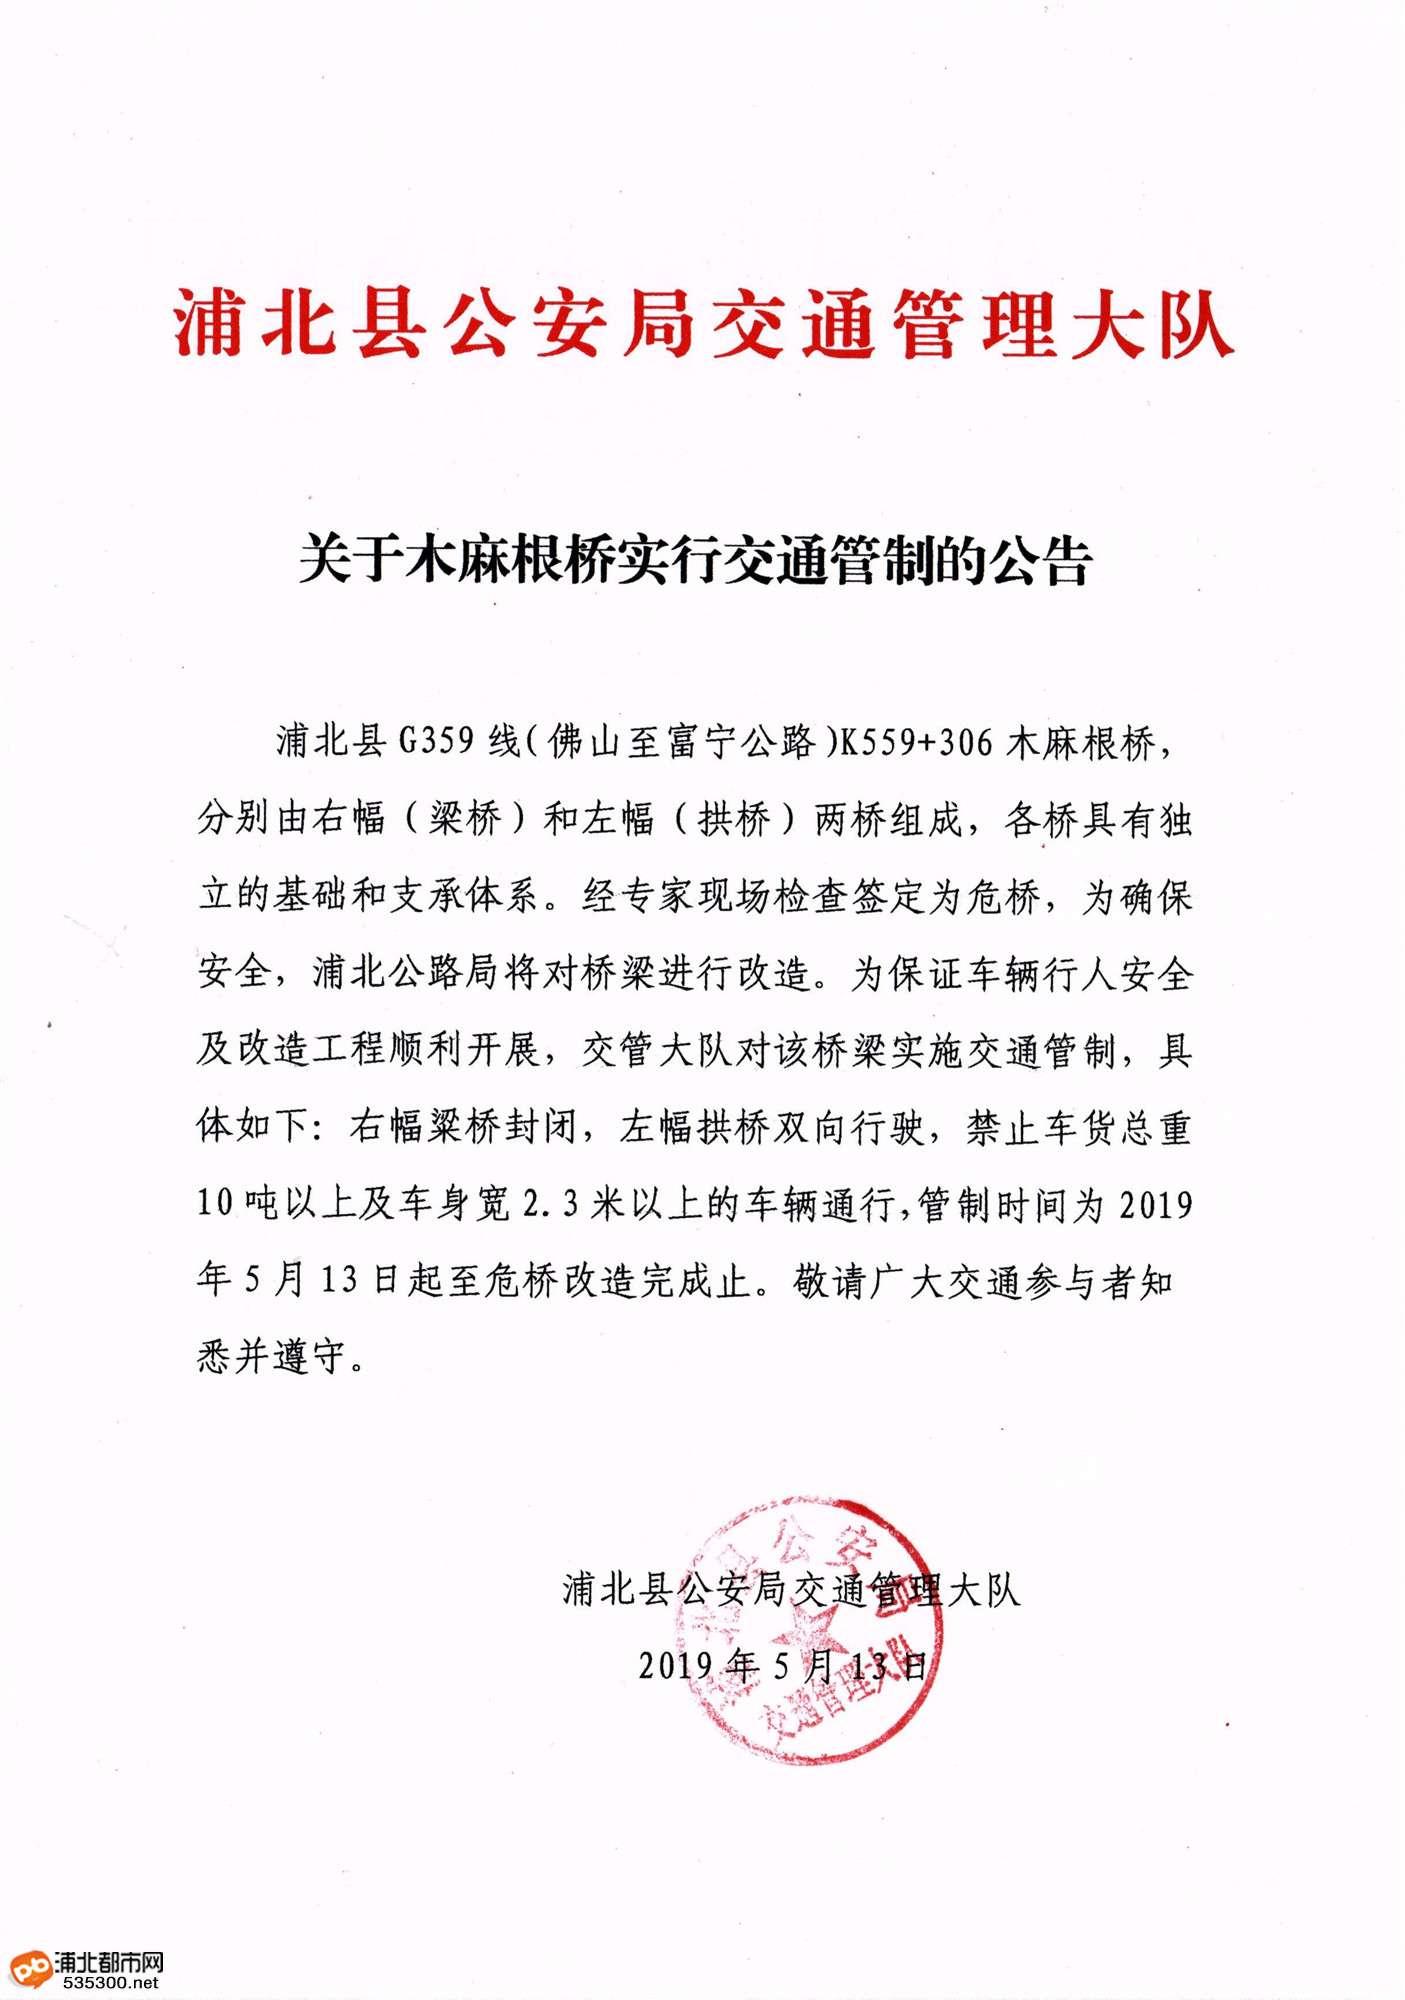 关于浦北县木麻根桥实行交通管制的公告